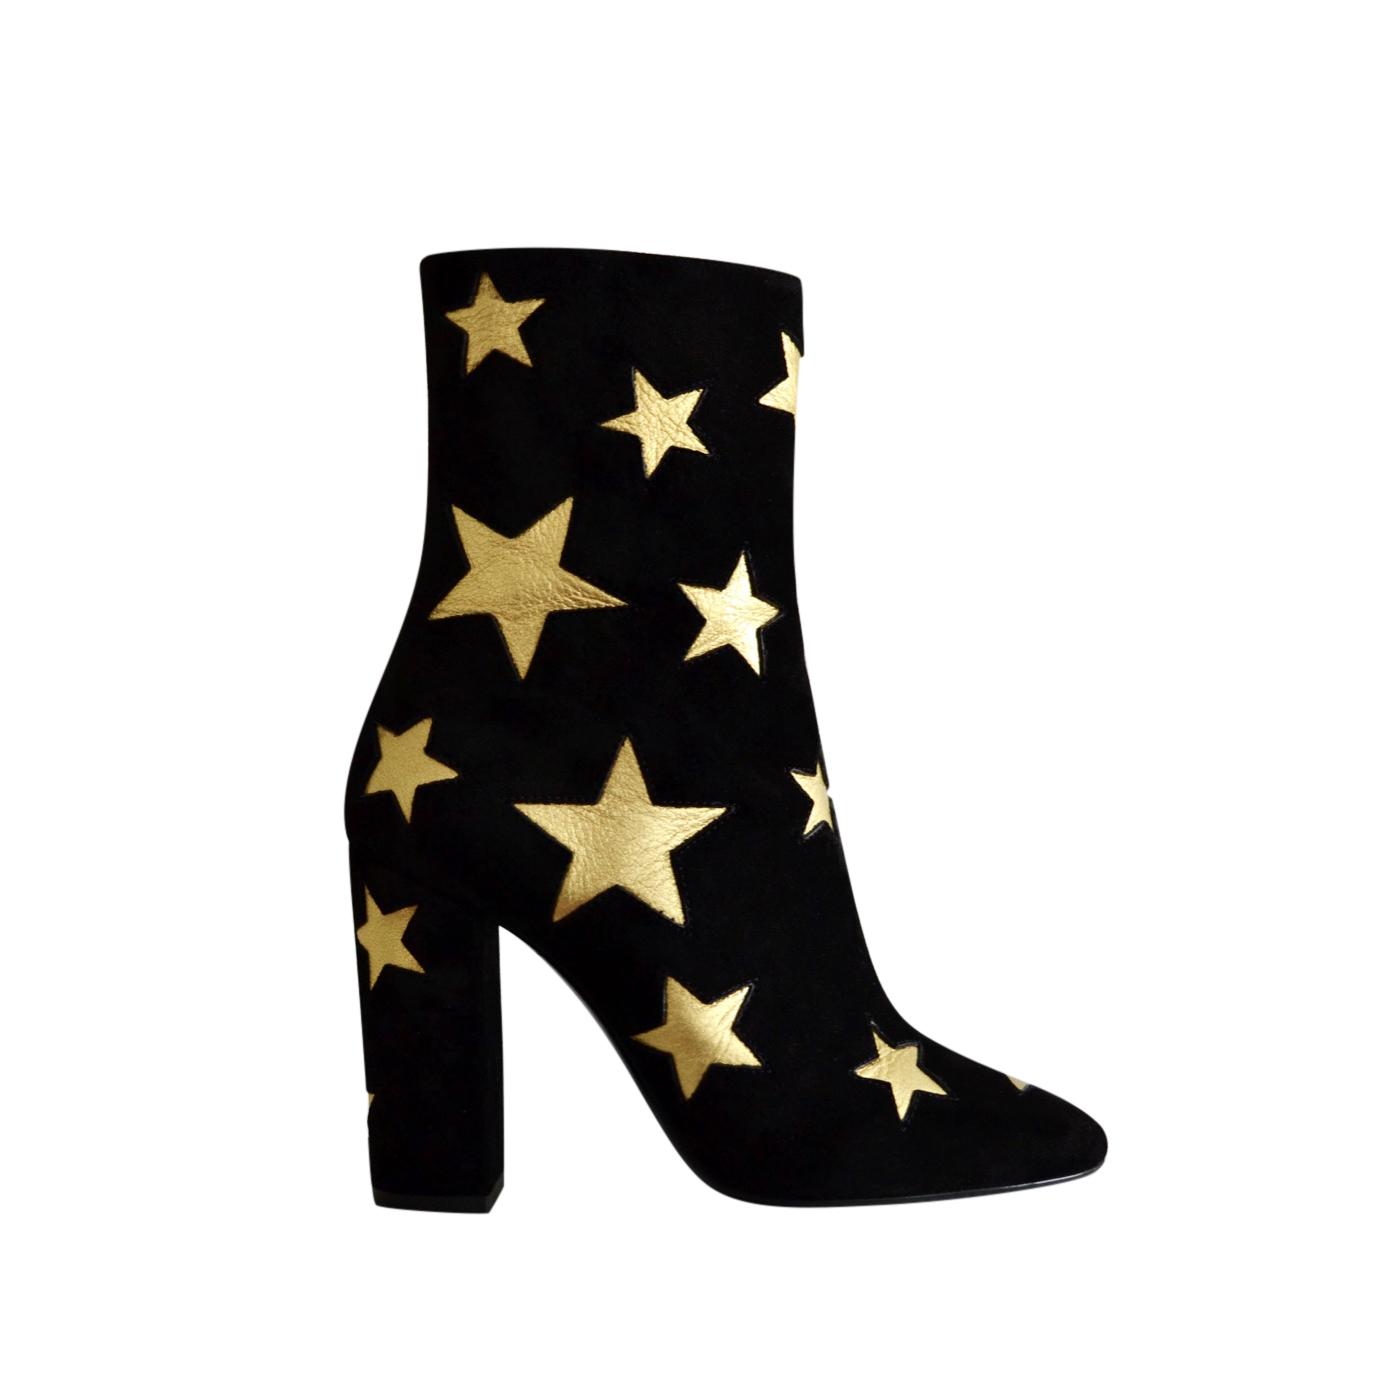 Saint Laurent Black & Gold Star Print Lou 95 Ankle Boots